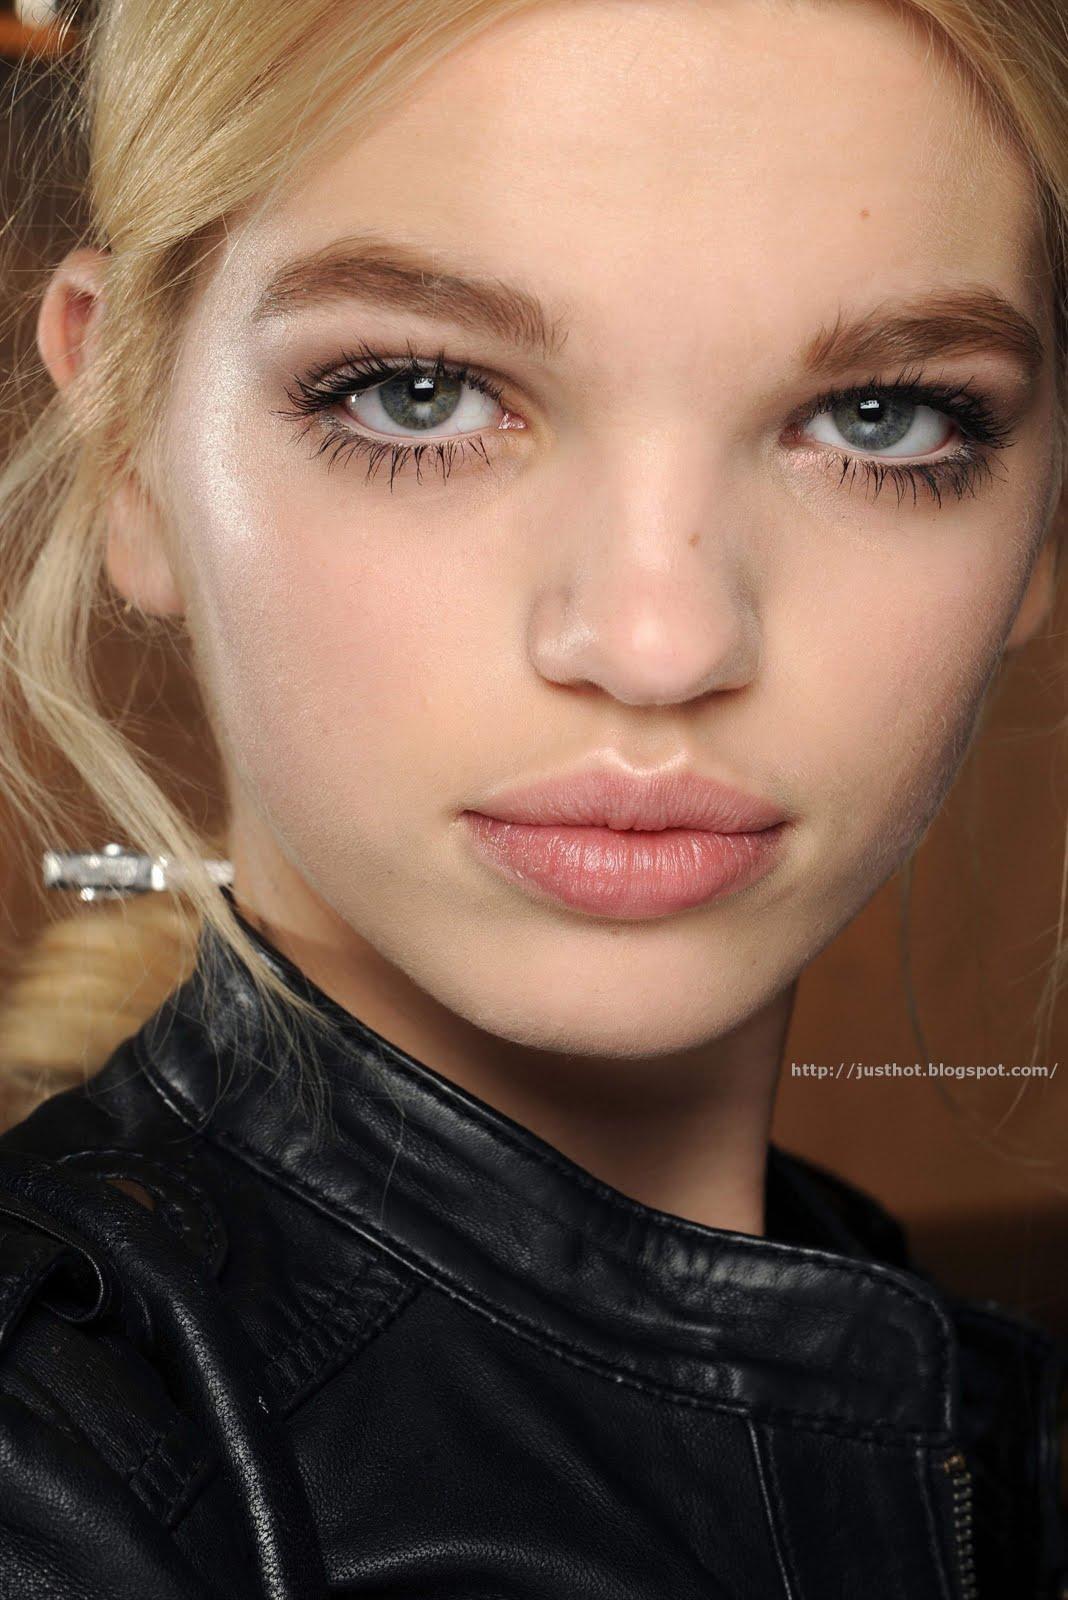 Как сделать макияж чтобы глаза казались большими фото